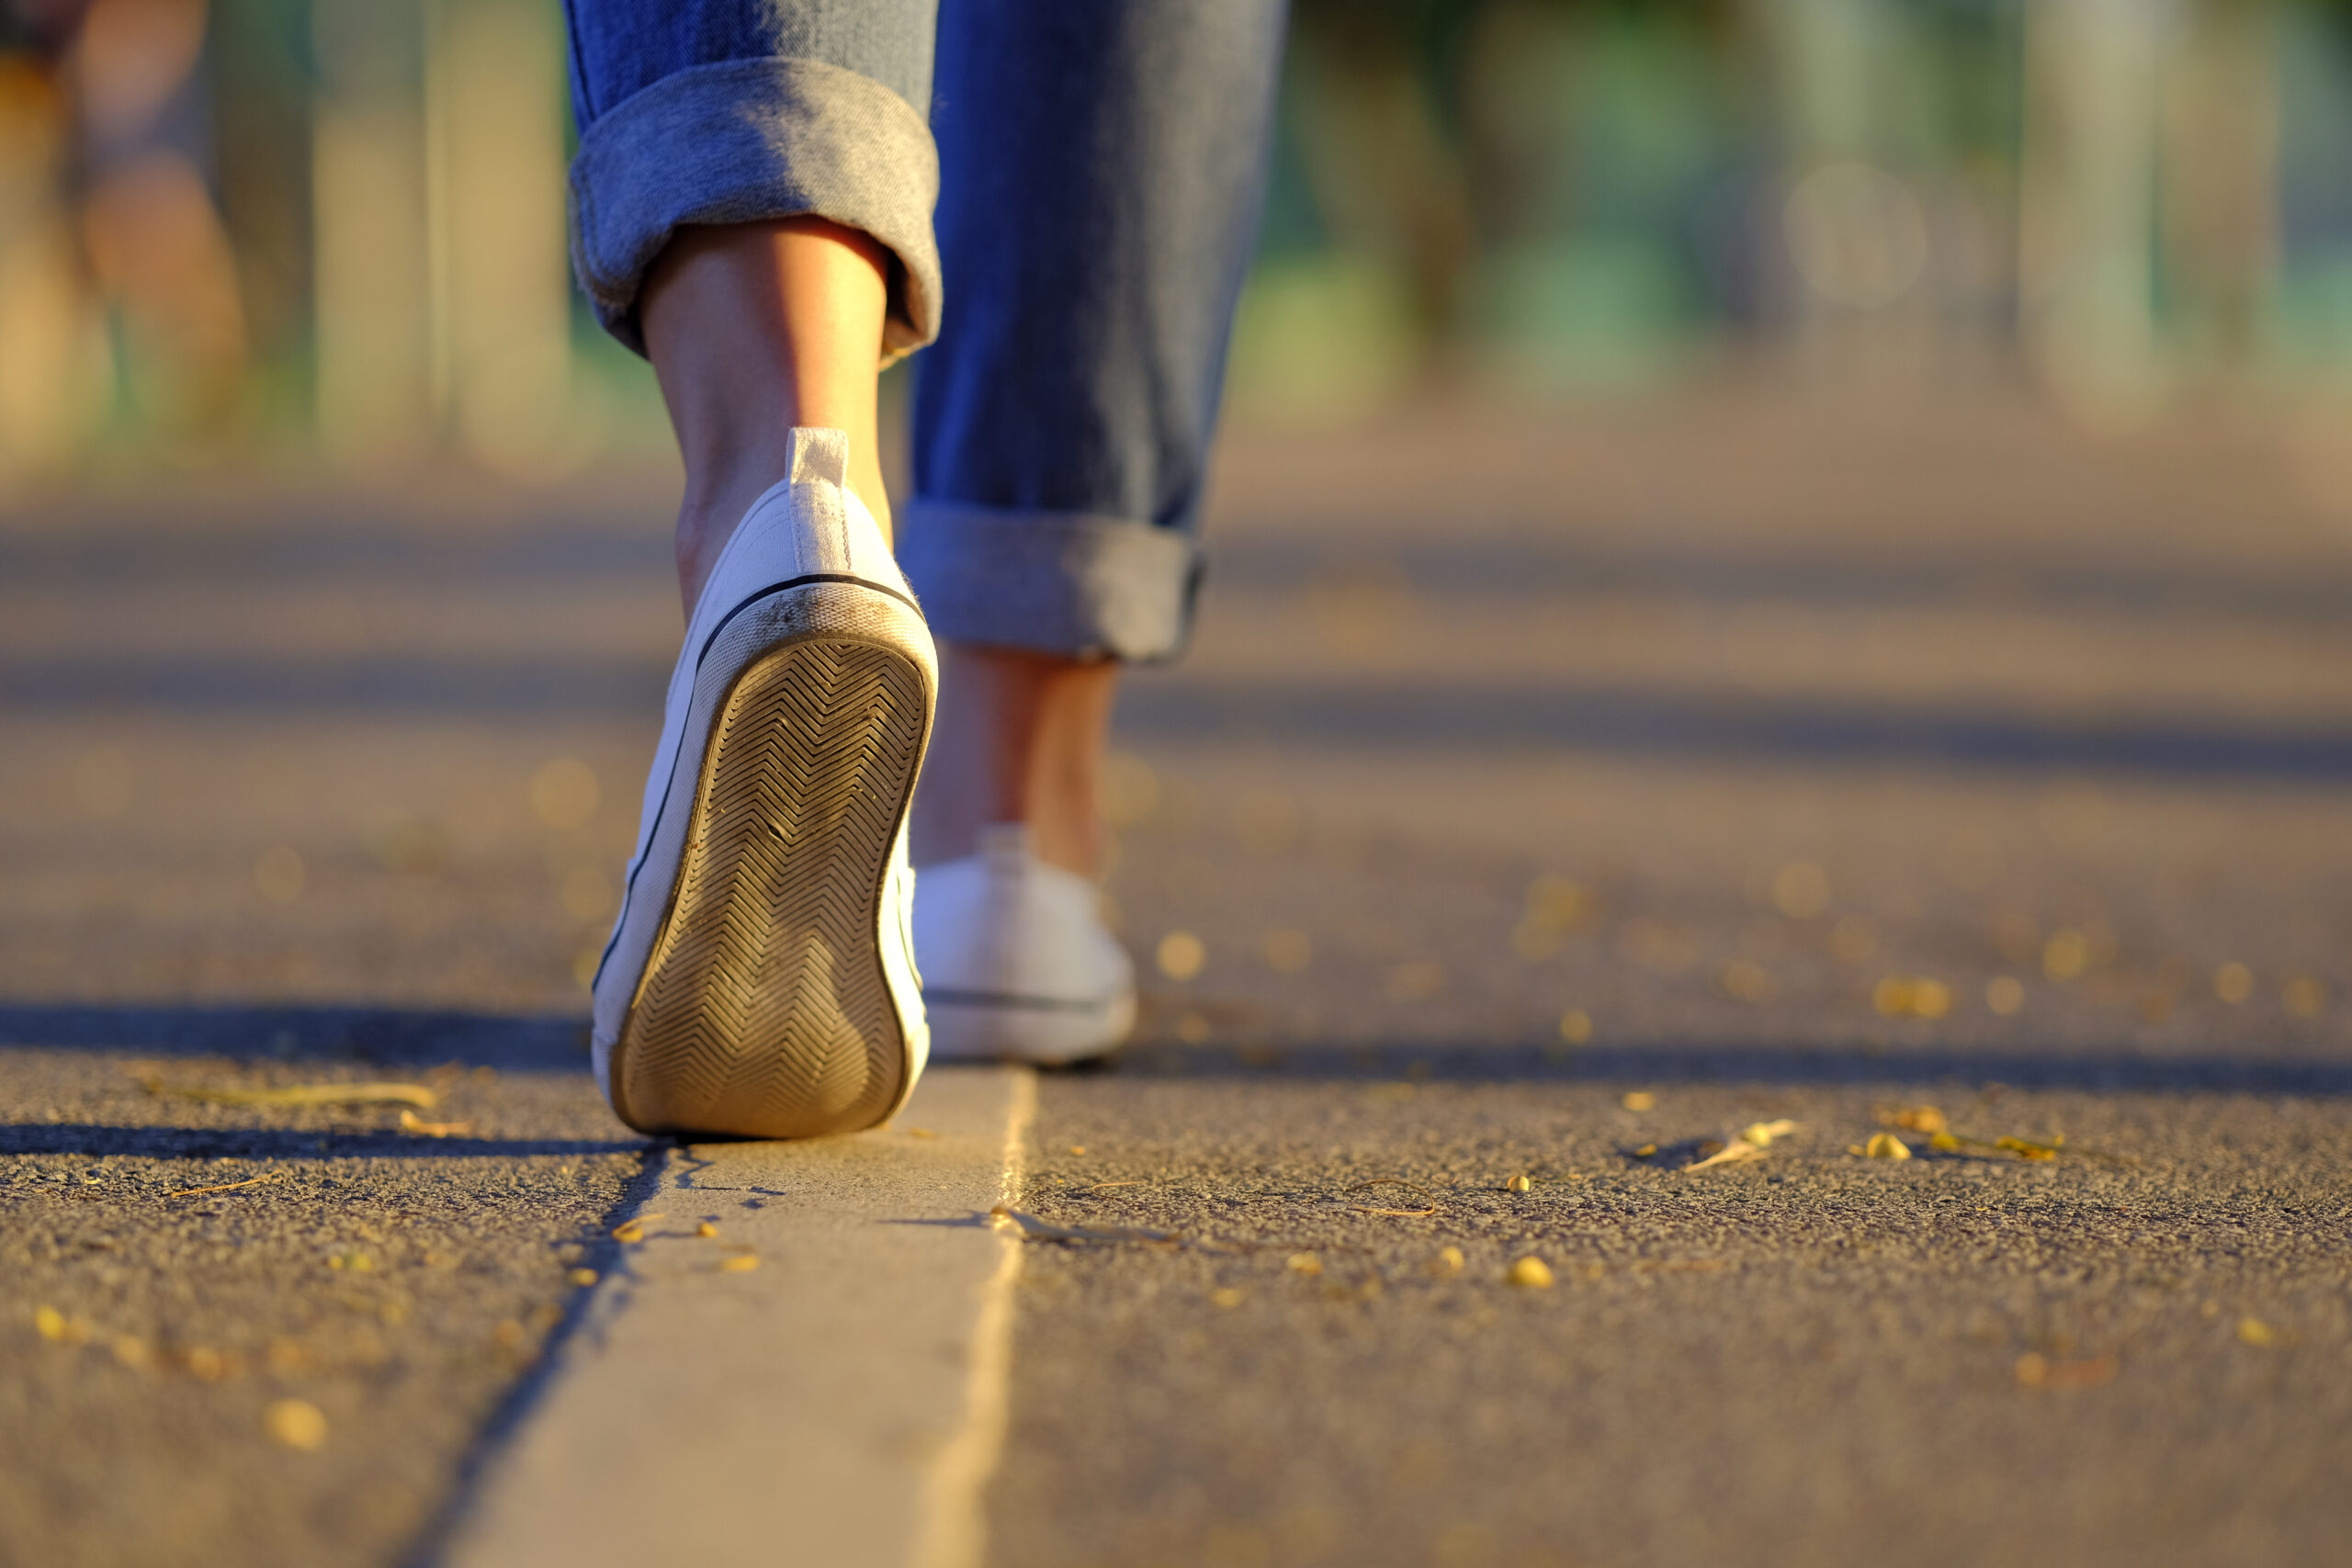 もっと歩こう!ってモチベアップ